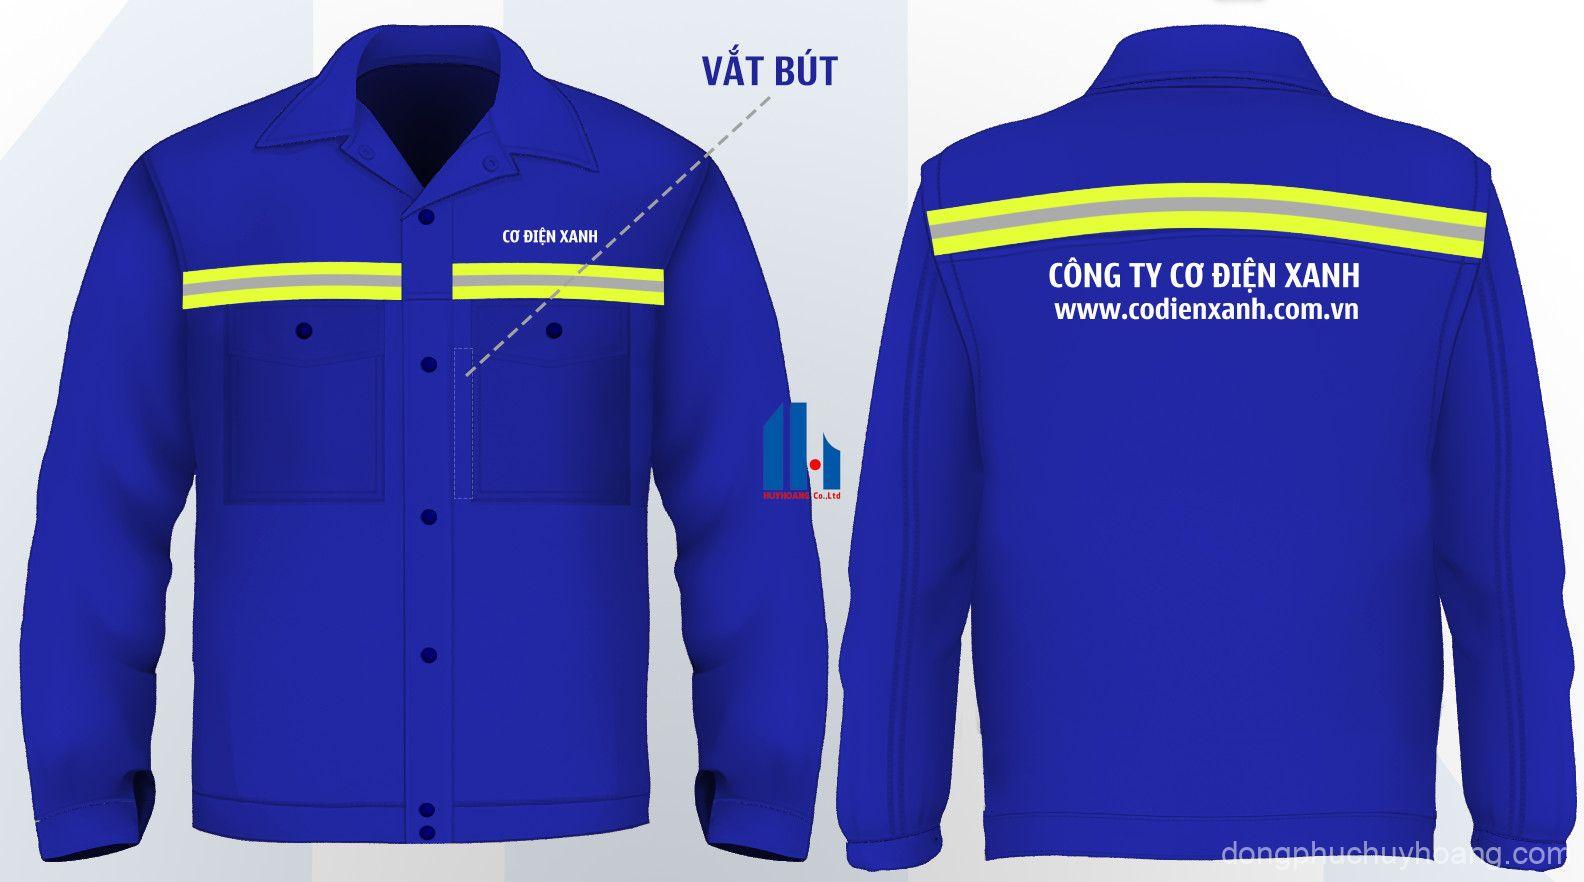 Ứng dụng của dải phản quang trên quần áo bảo hộ lao động